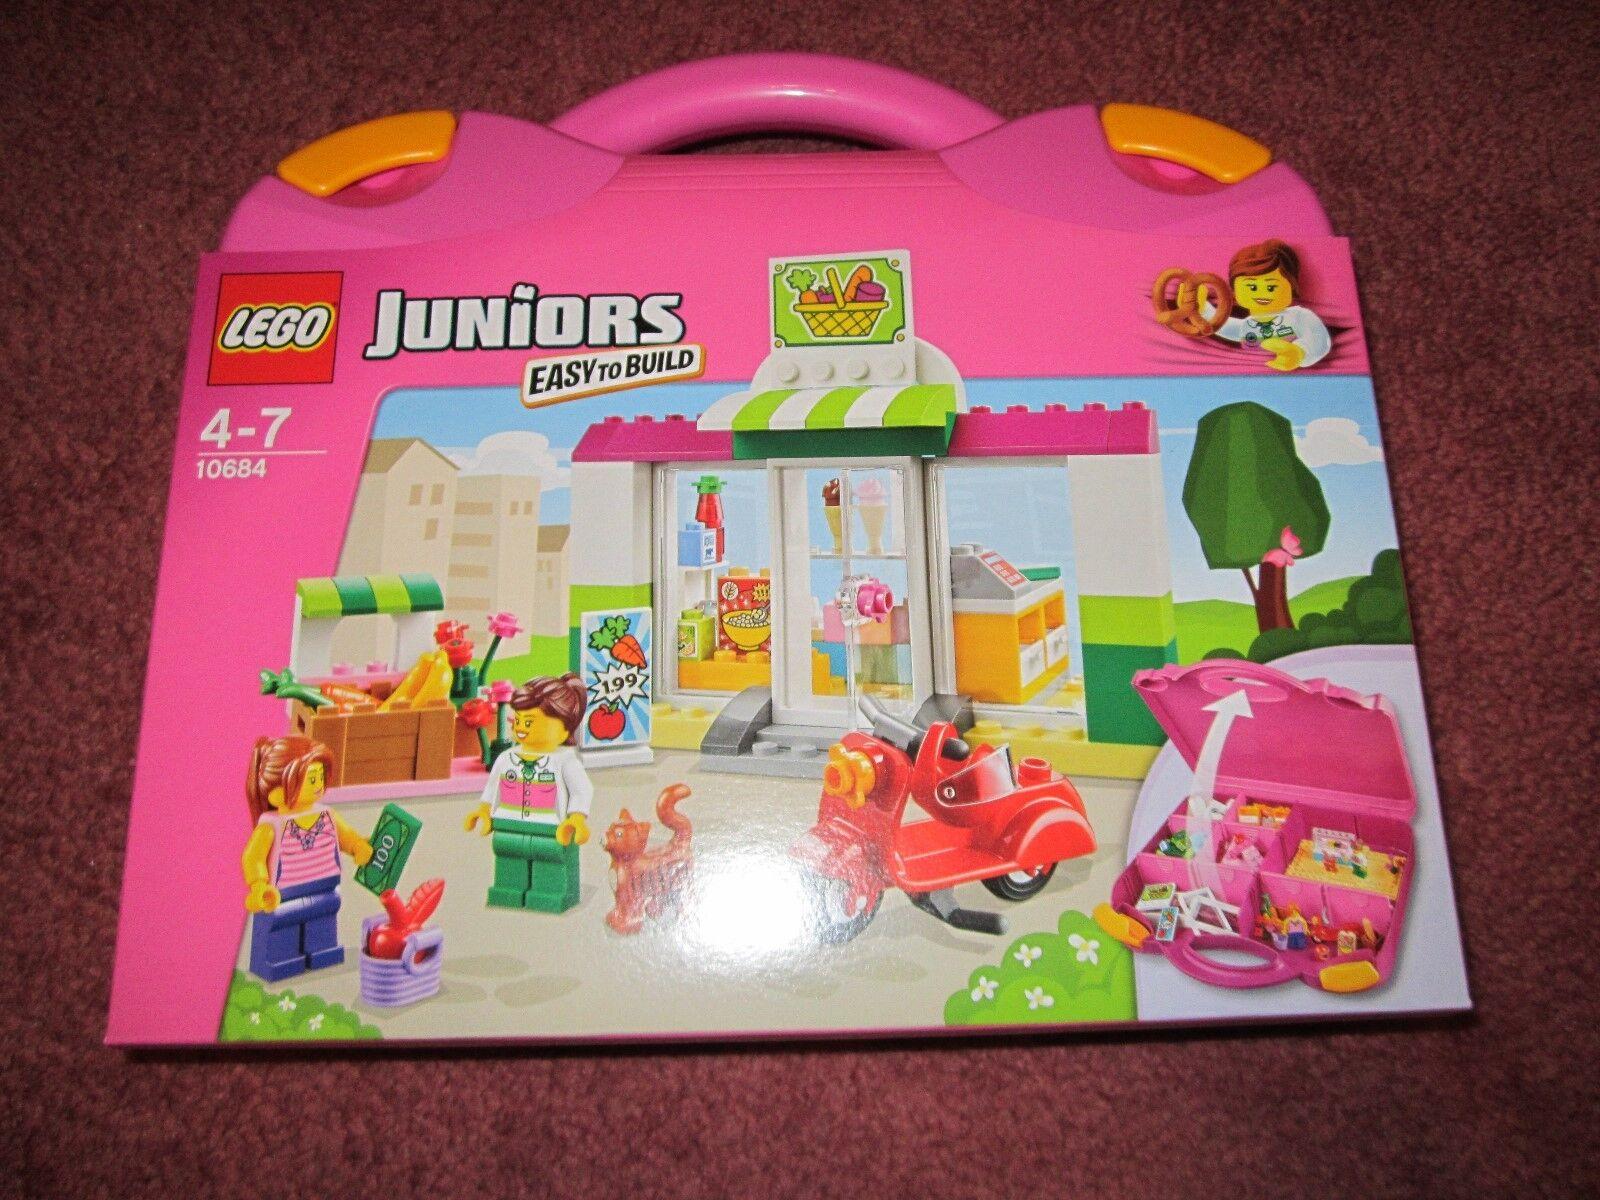 LEGO JUNIORS SUPERMARKET SUITCASE 10684 - NEW BOXED SEALED